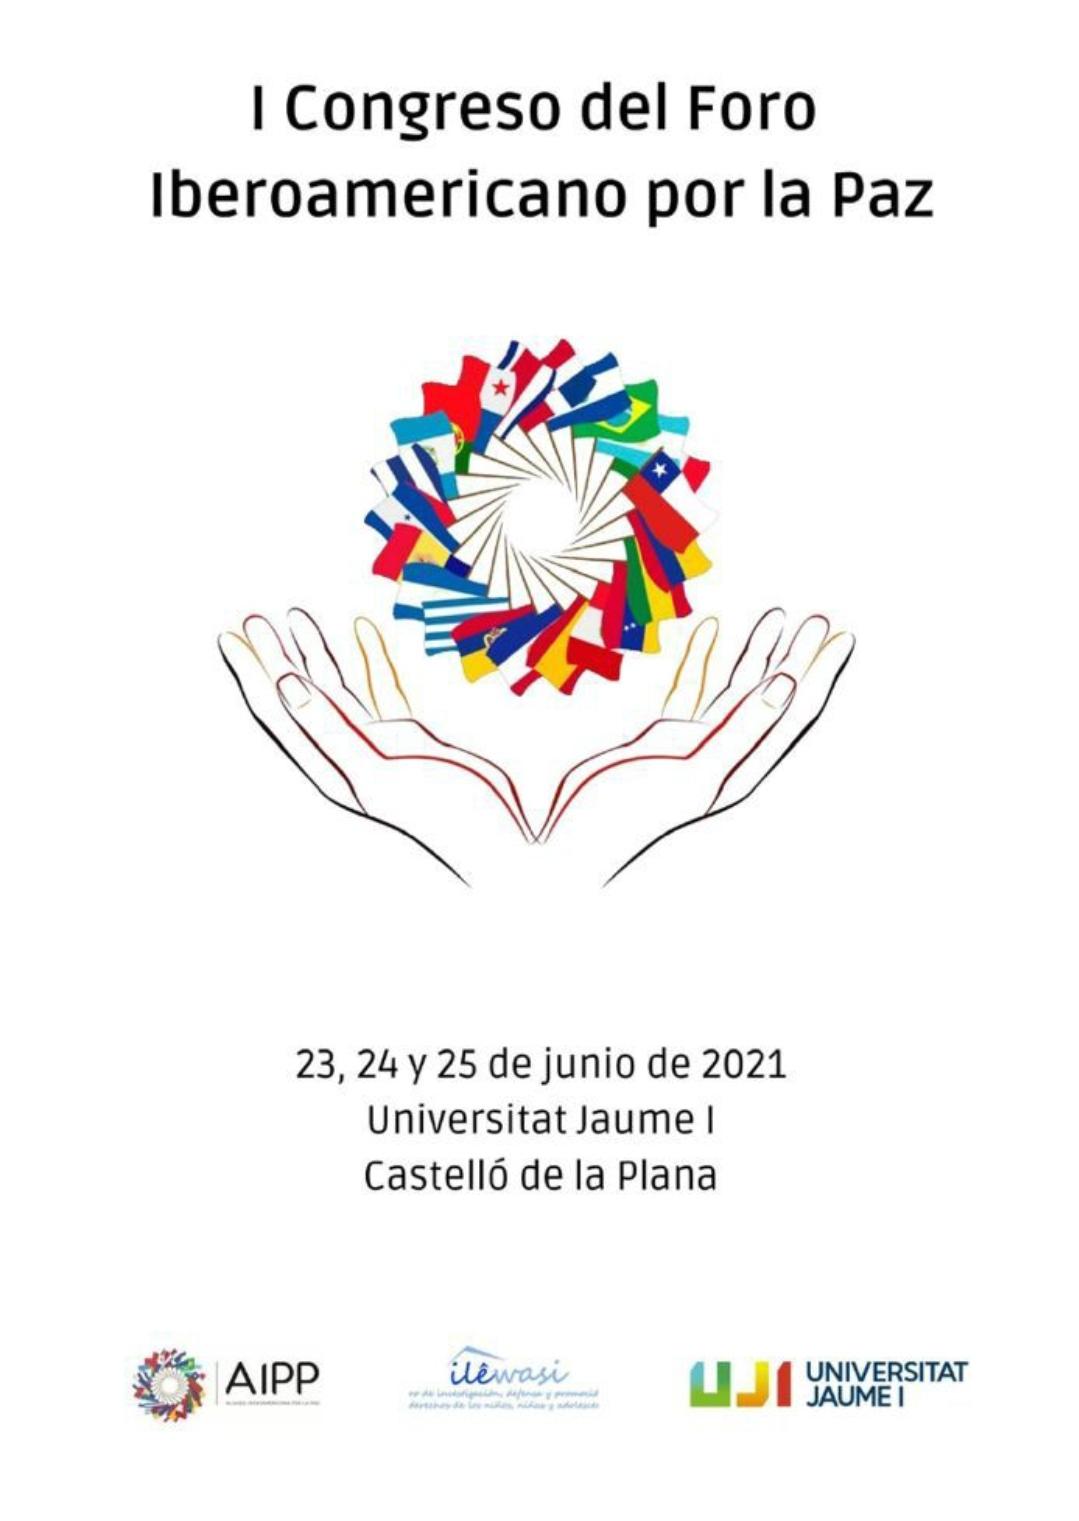 AIPP, Convoca I Congreso del Foro Iberoamericano por la Paz